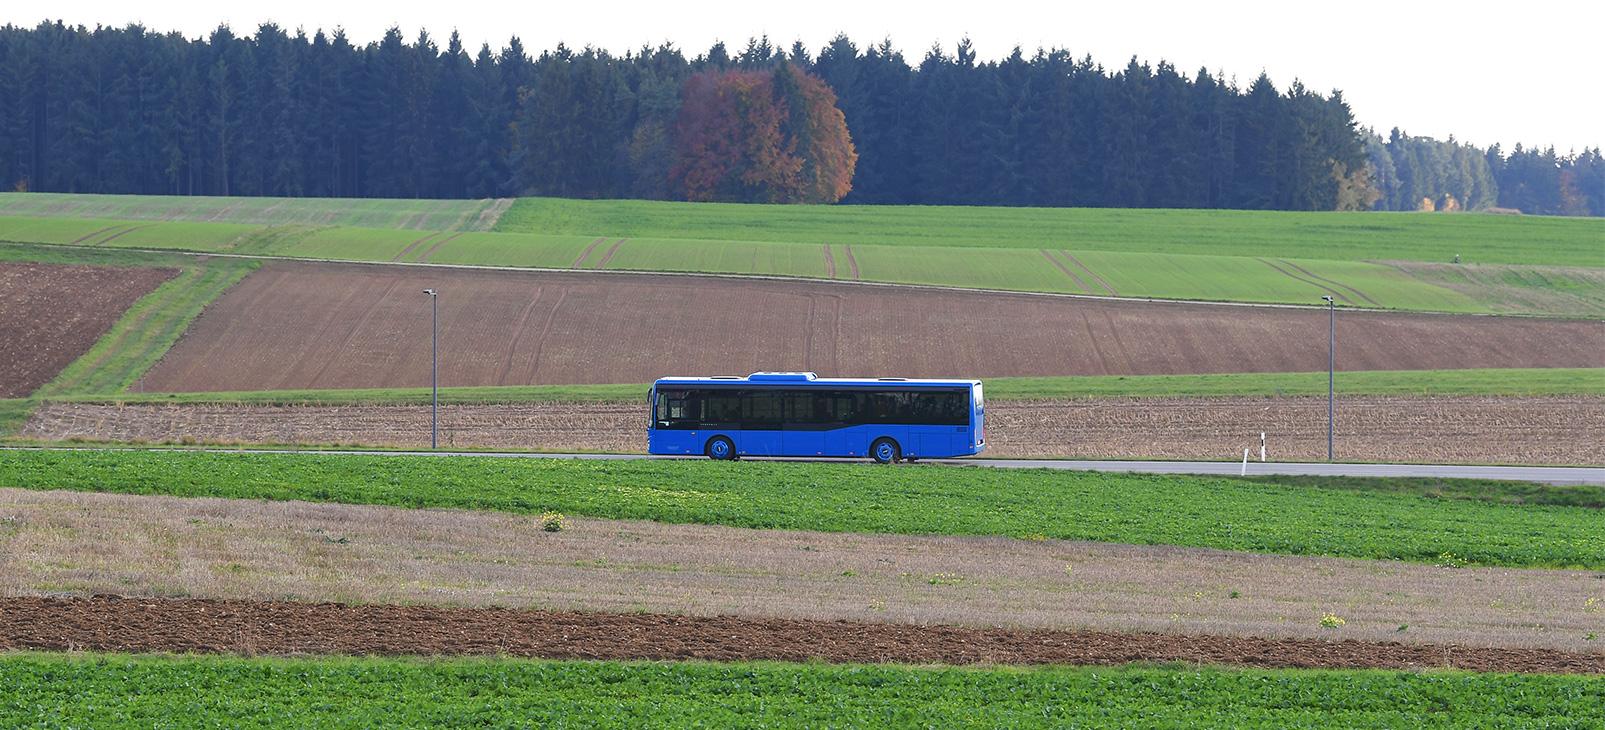 Bus auf Landstraße